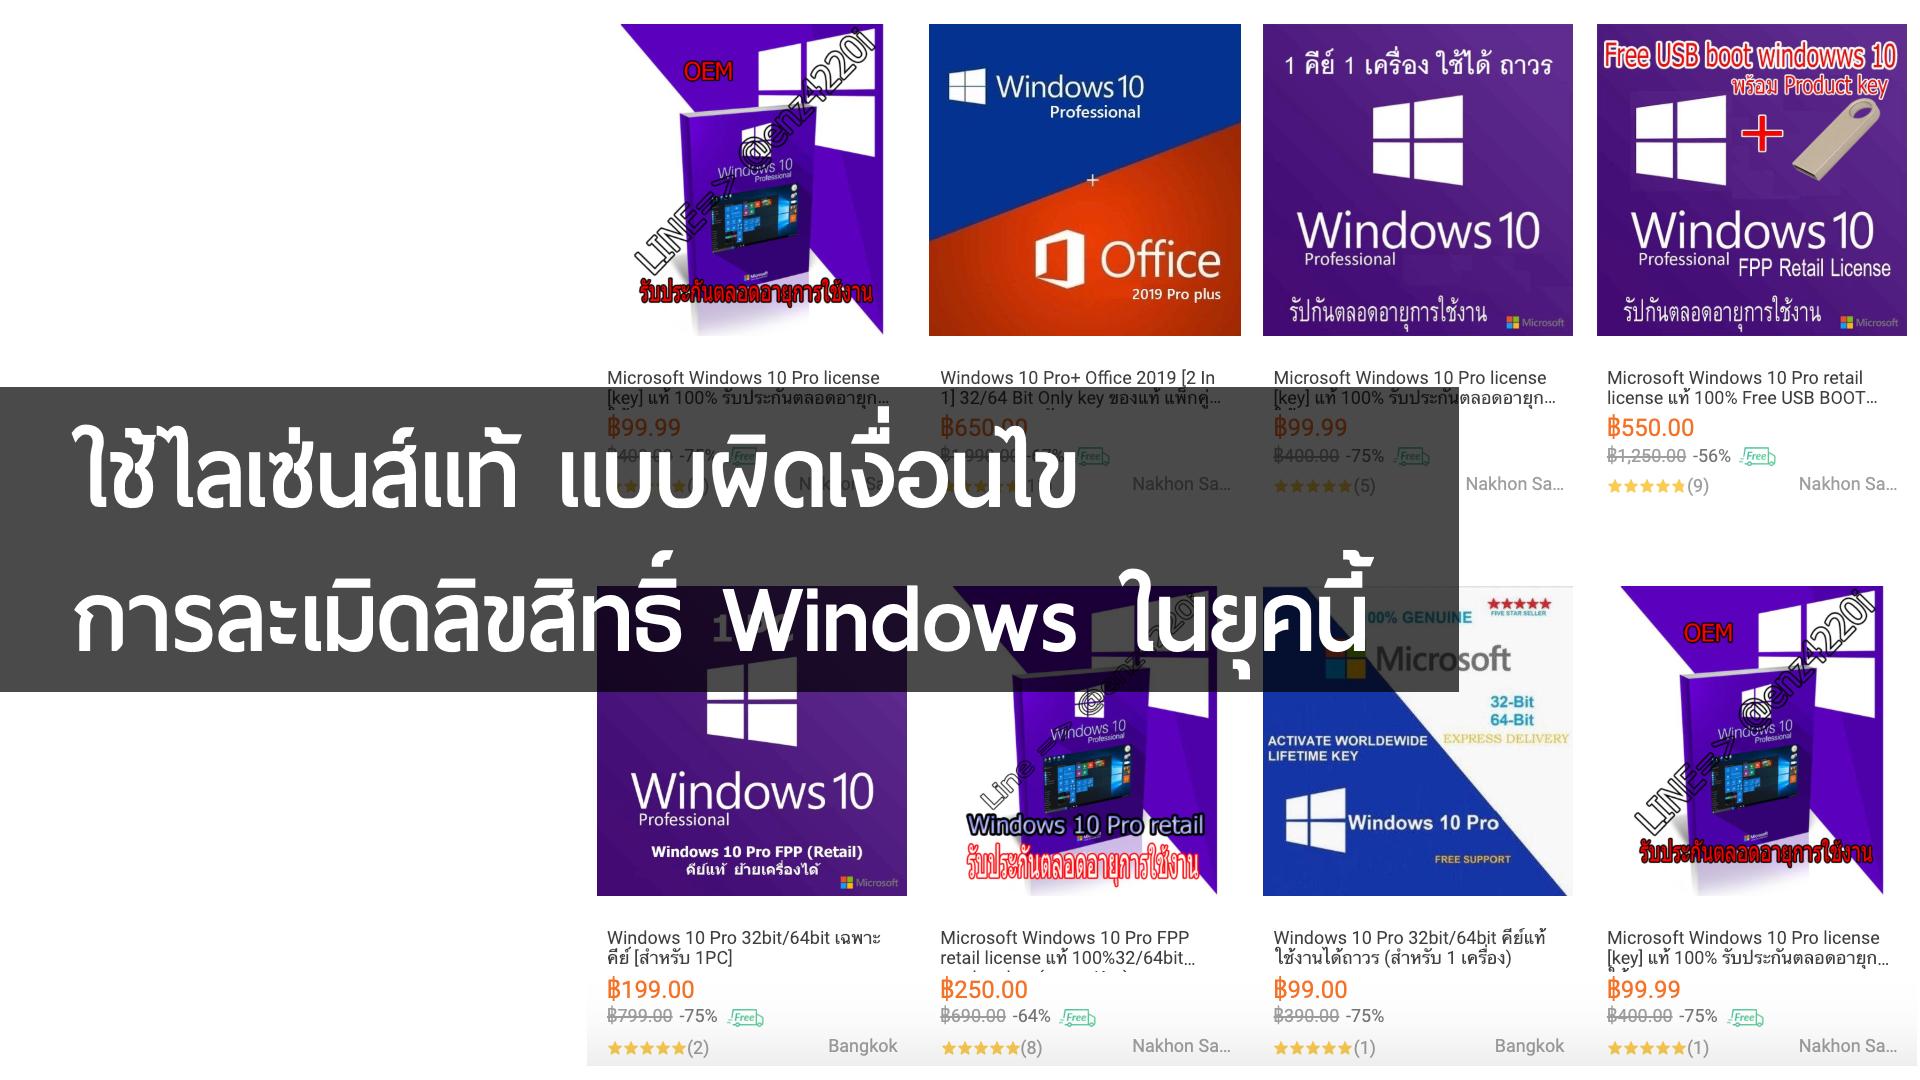 ใช้ไลเซ่นส์แท้แบบผิดเงื่อนไข การละเมิดลิขสิทธิ์ Windows ในยุคนี้ 1